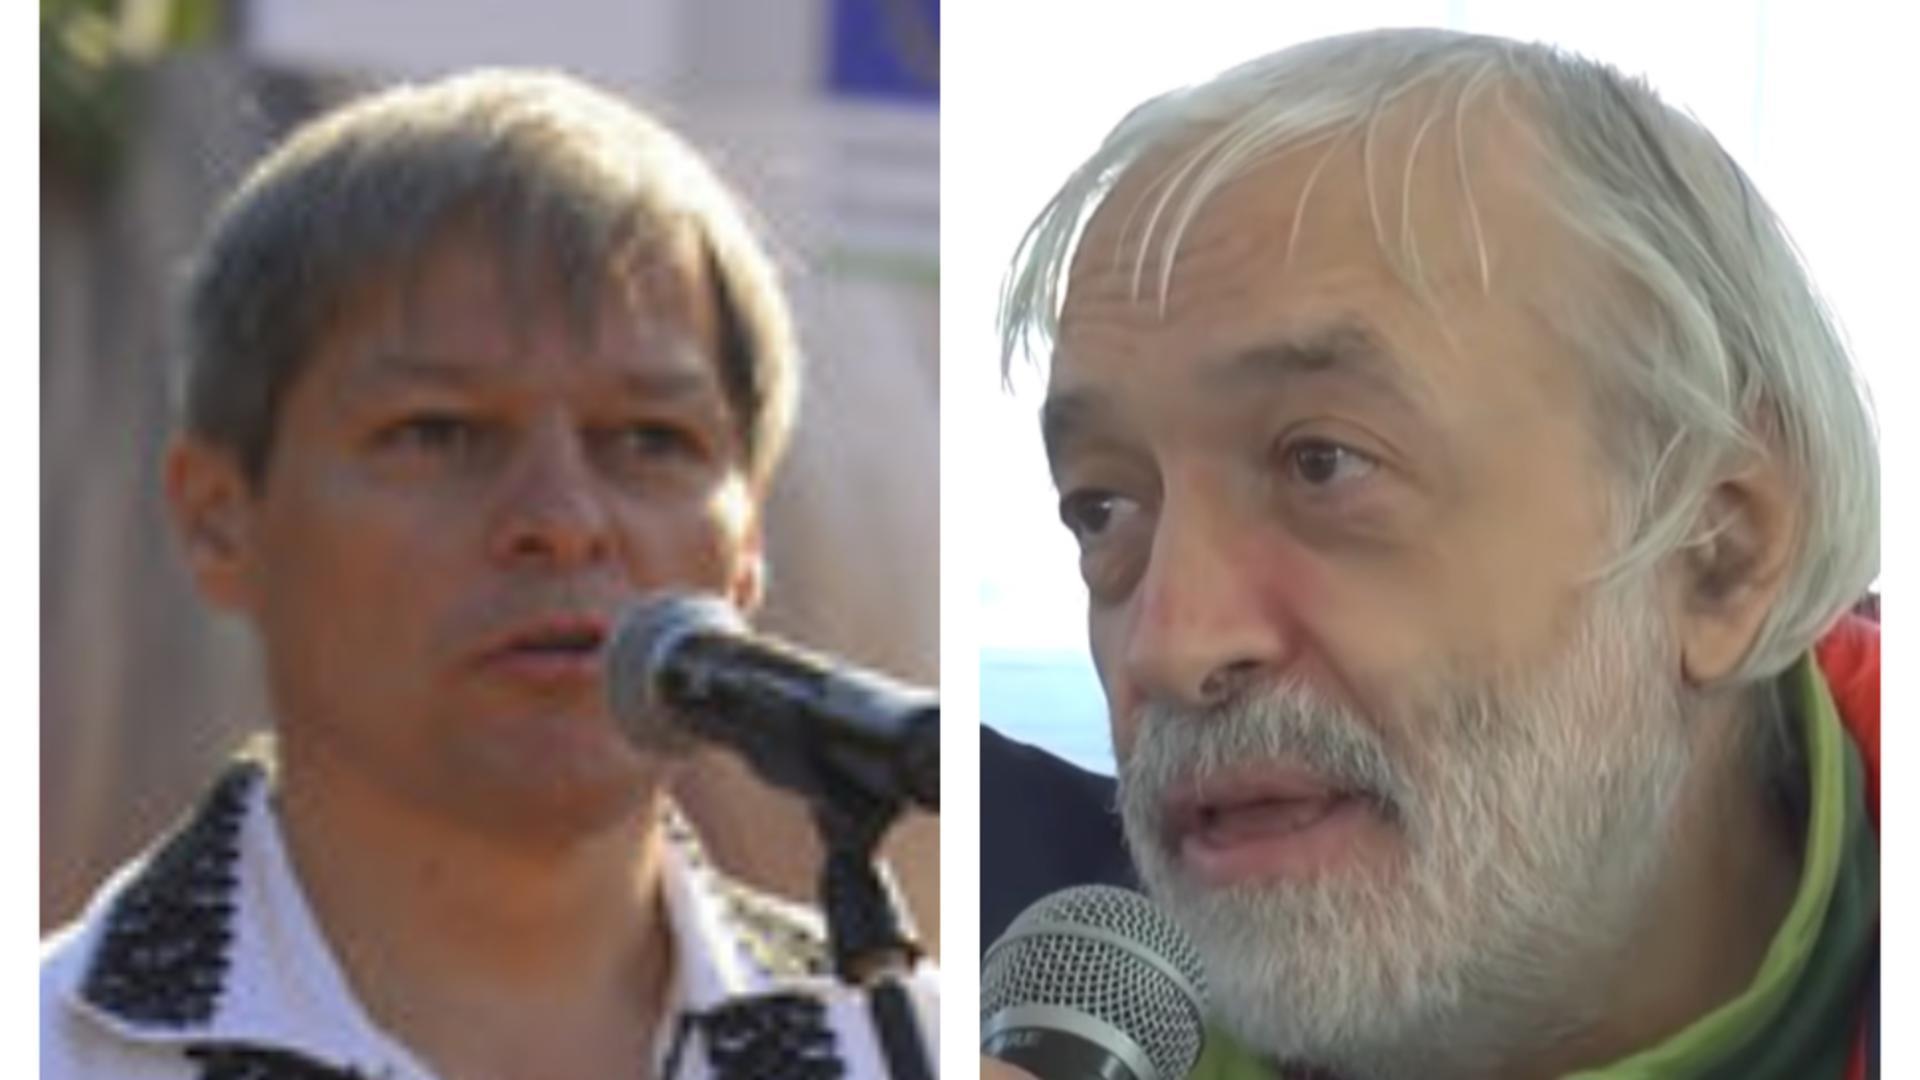 Dacian Cioloș/Gregorian Bivolaru